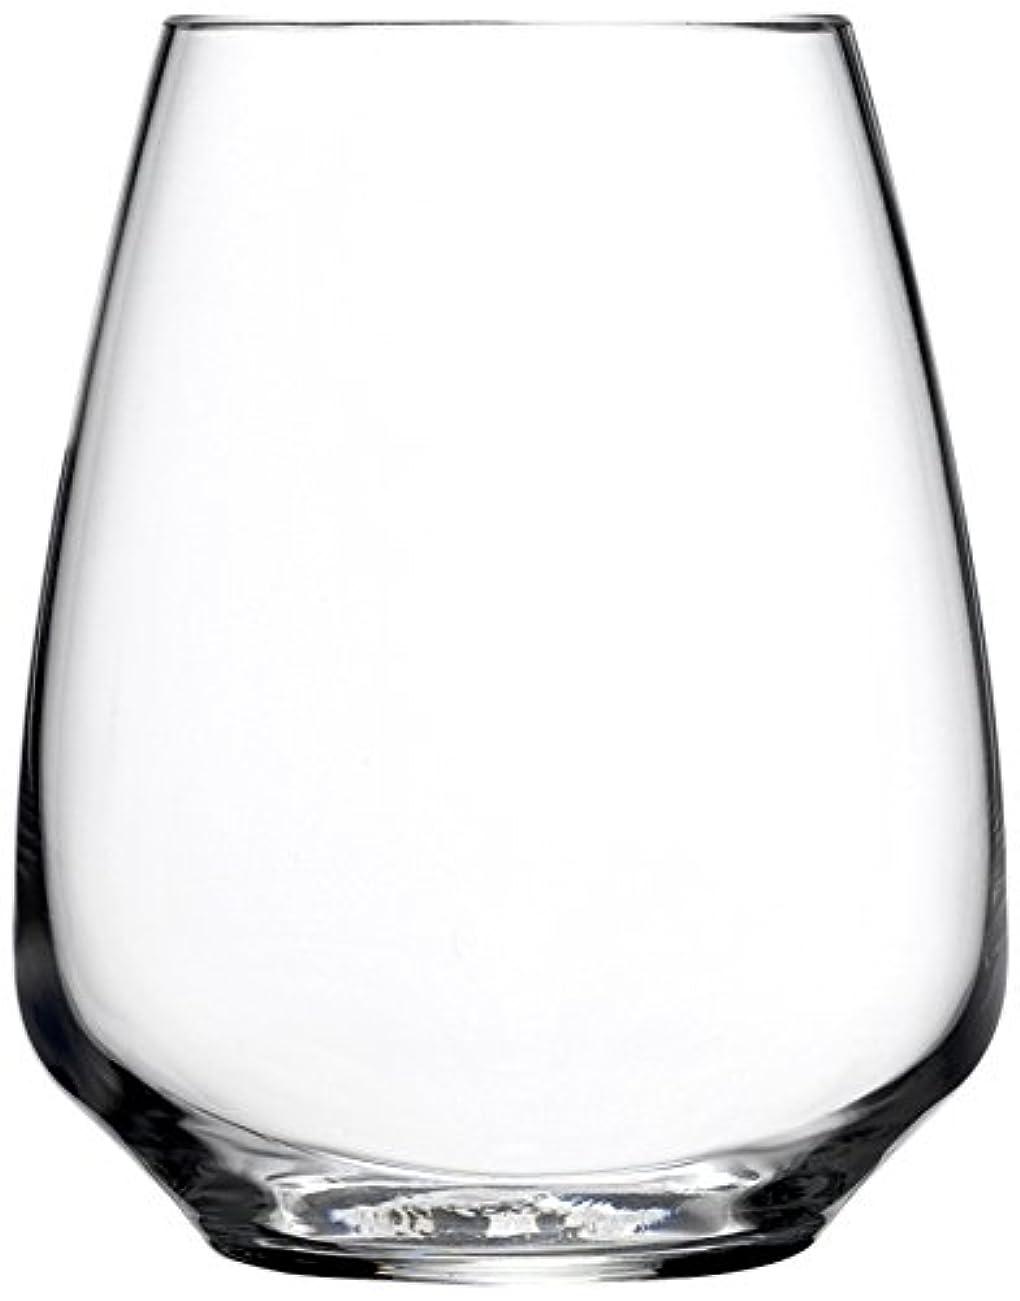 悪化する生じる印象Luigi Bormioli Atelier Stemless Rieslingワインガラス、414ml、6のセット